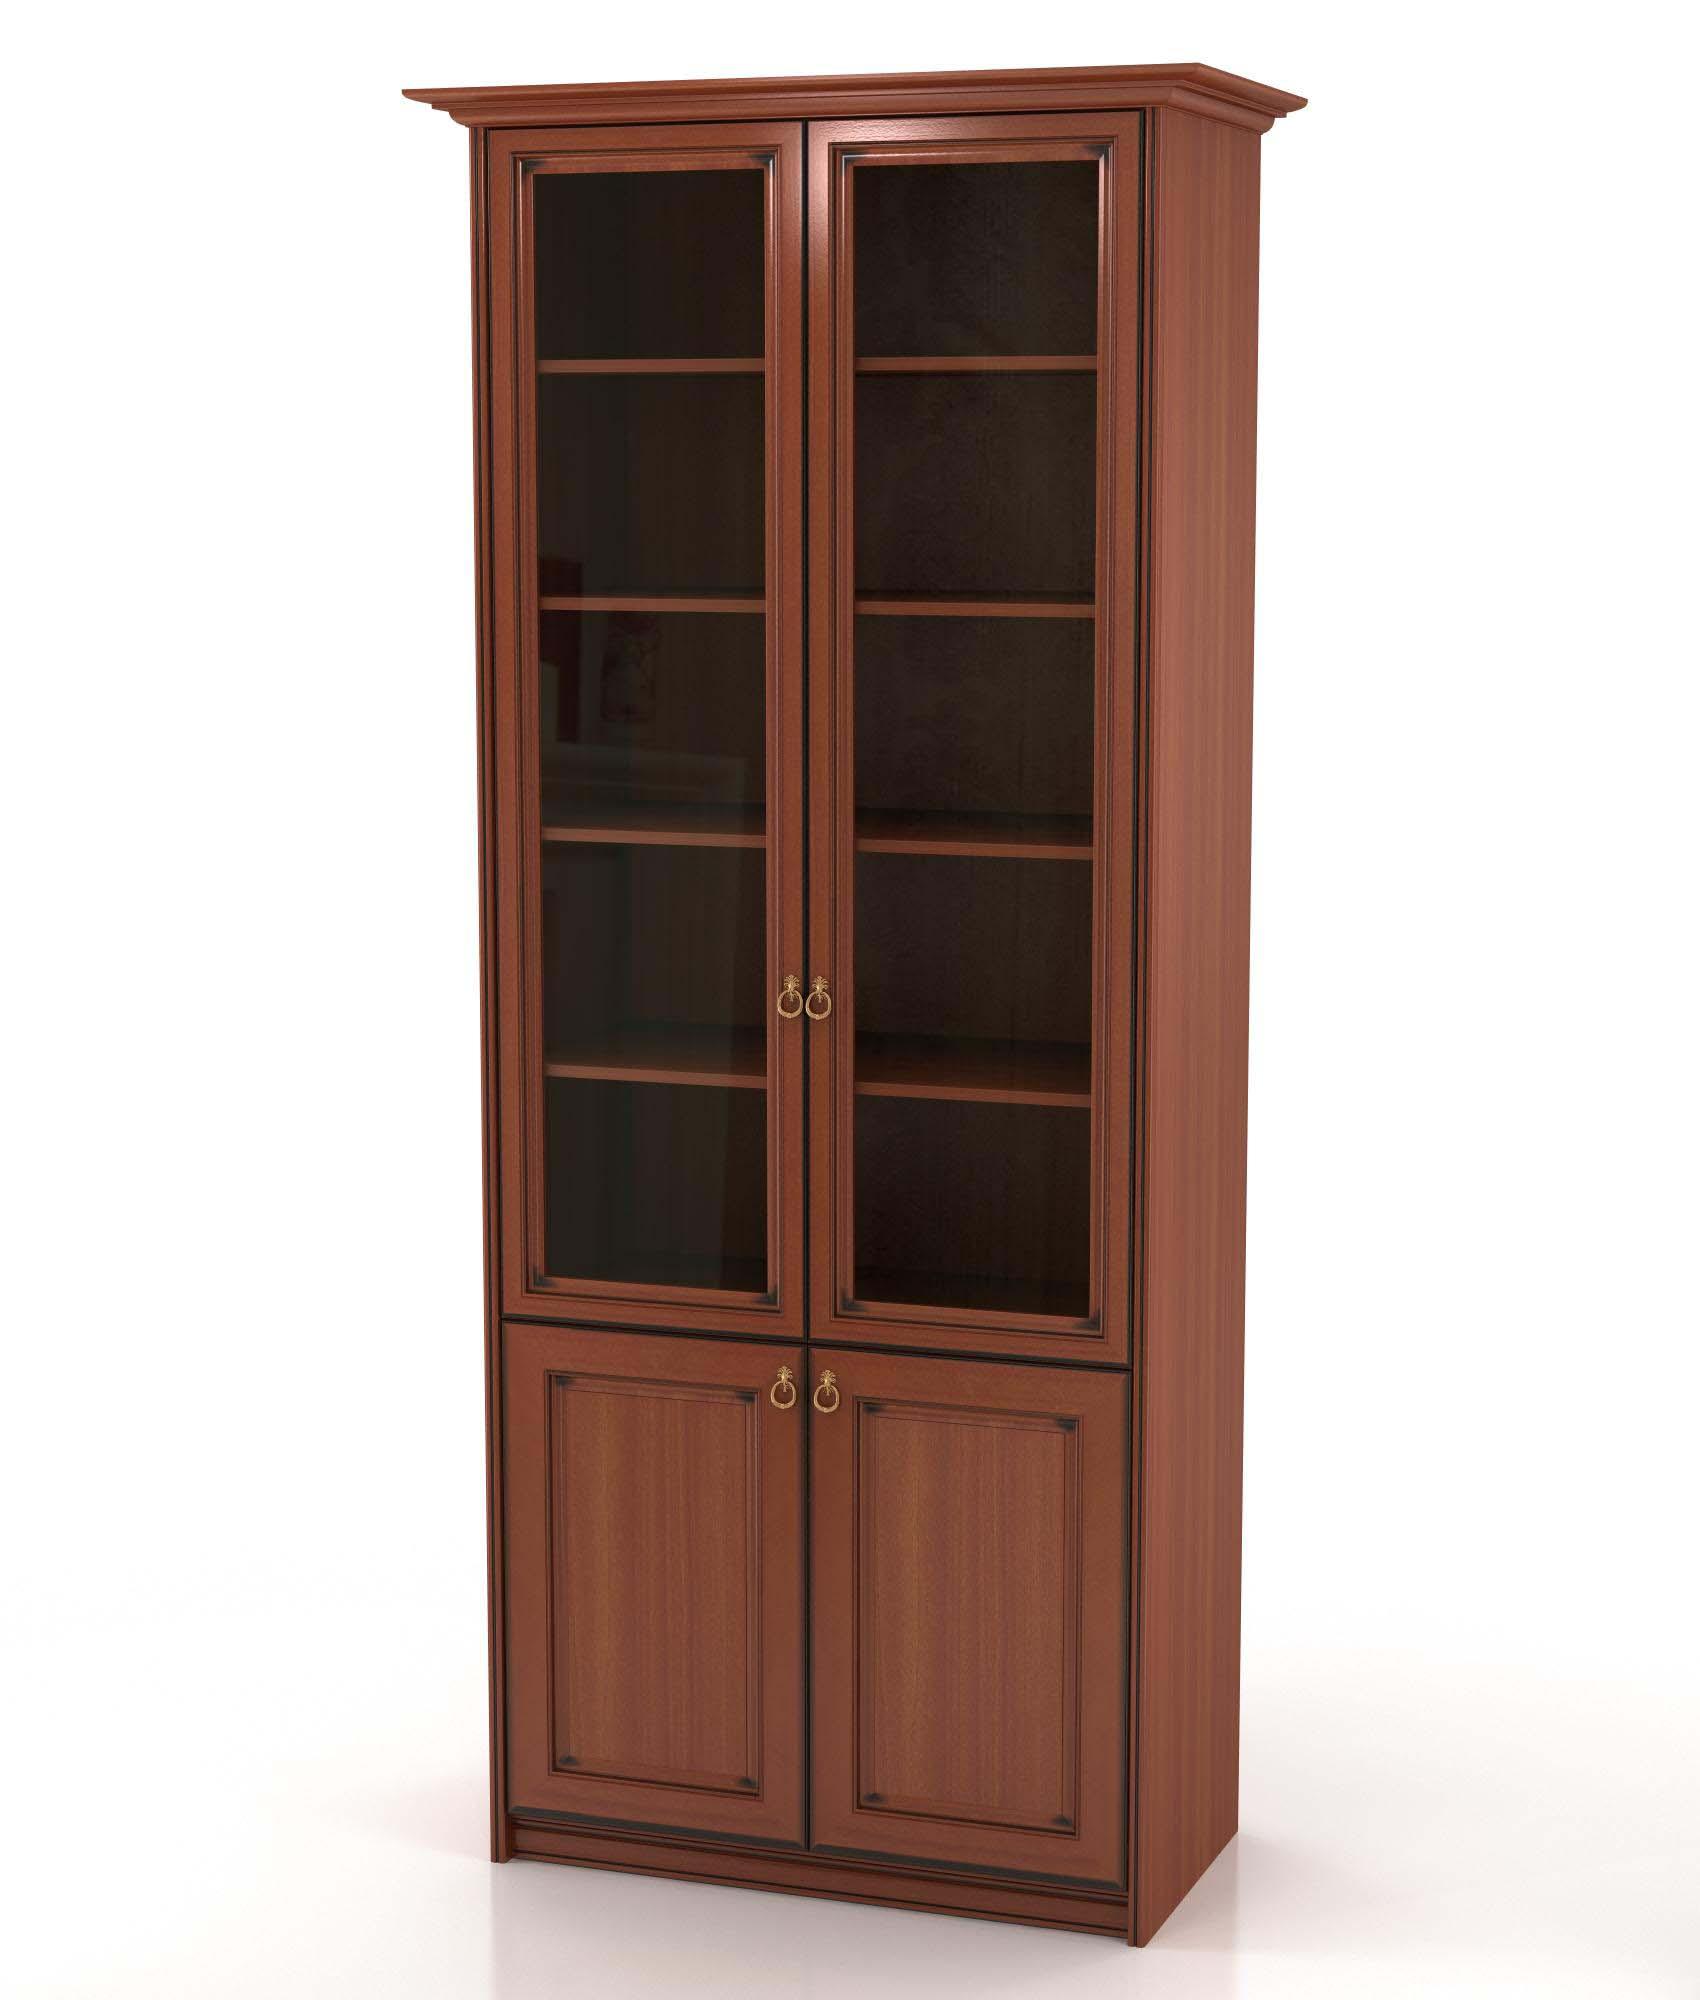 Шкаф-книжный 902 венеция мебель для гостиной шкафы.